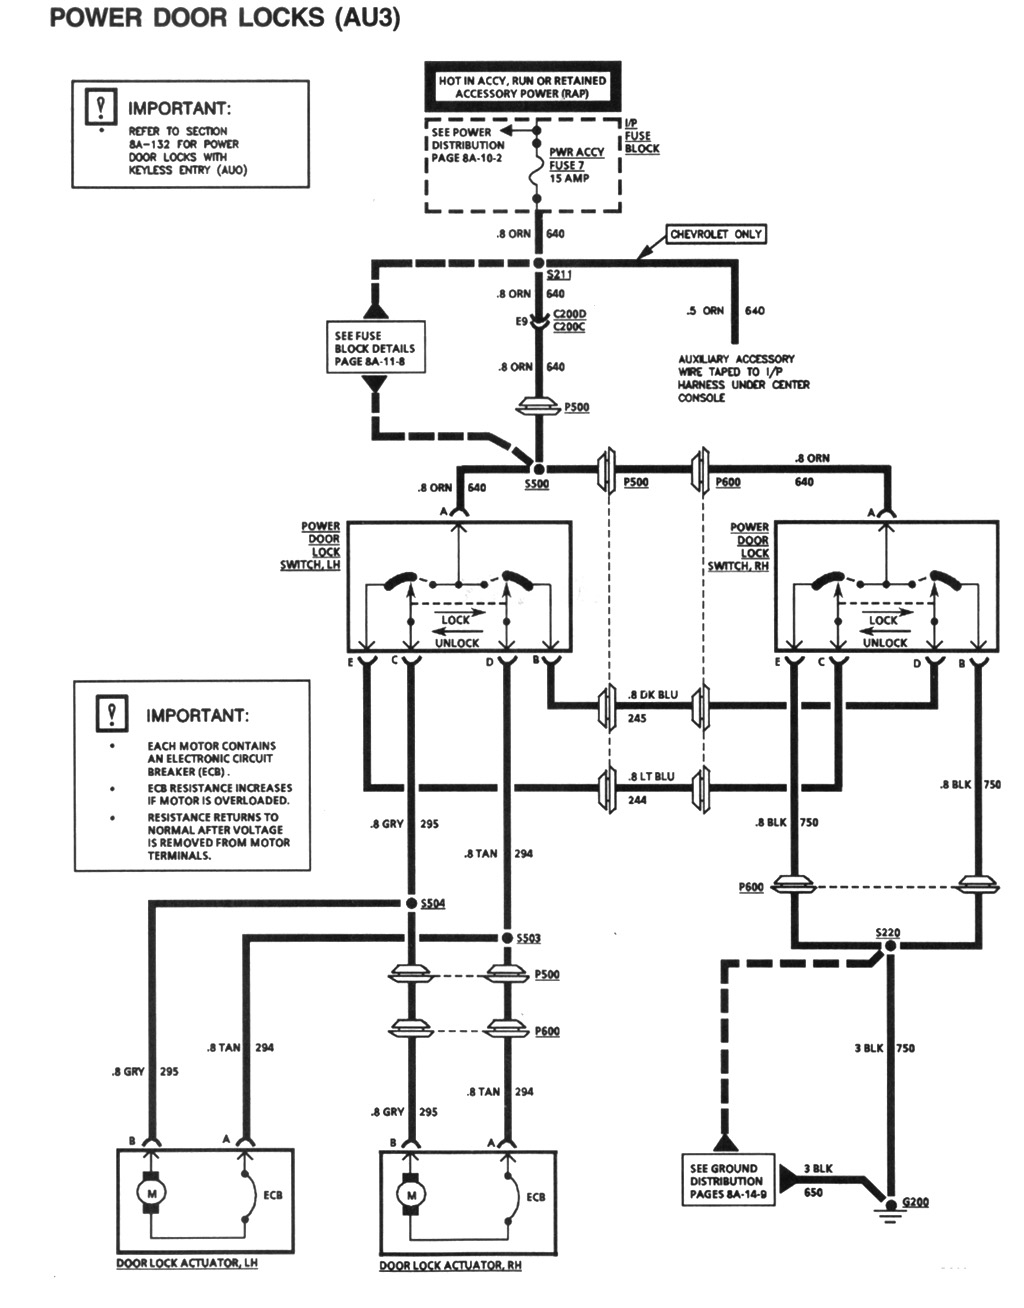 Bmw Door Lock Actuator Wiring Diagram | Wiring Diagram - Power Door Lock Wiring Diagram